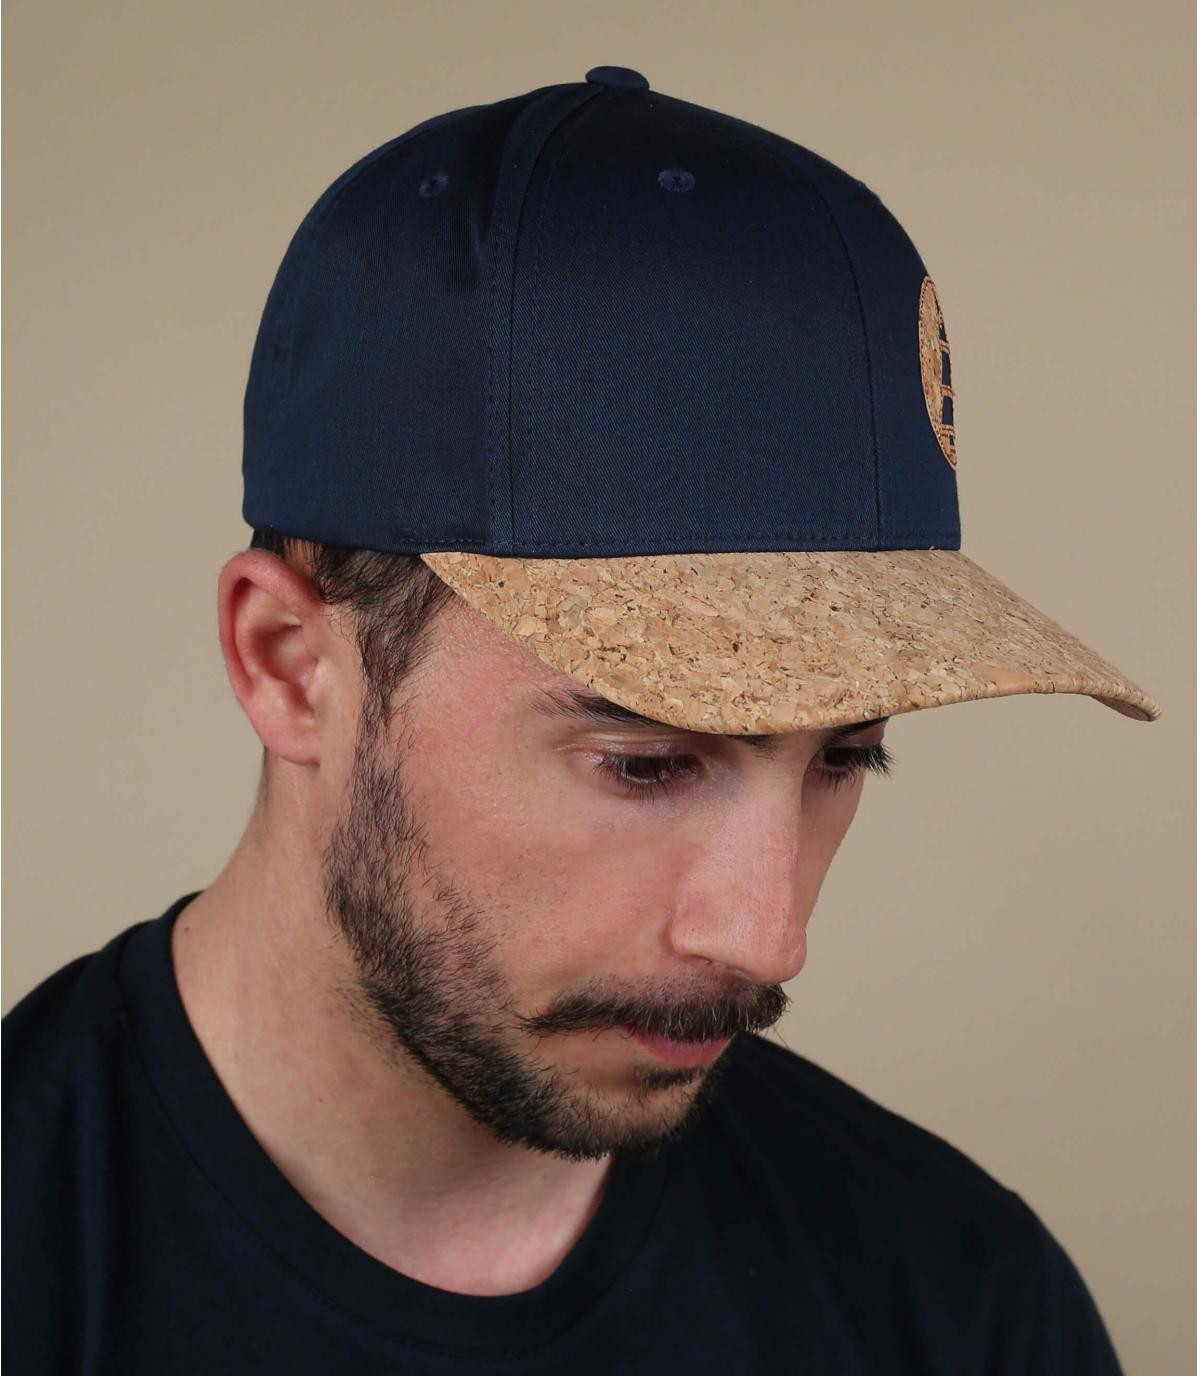 Cappellino blu